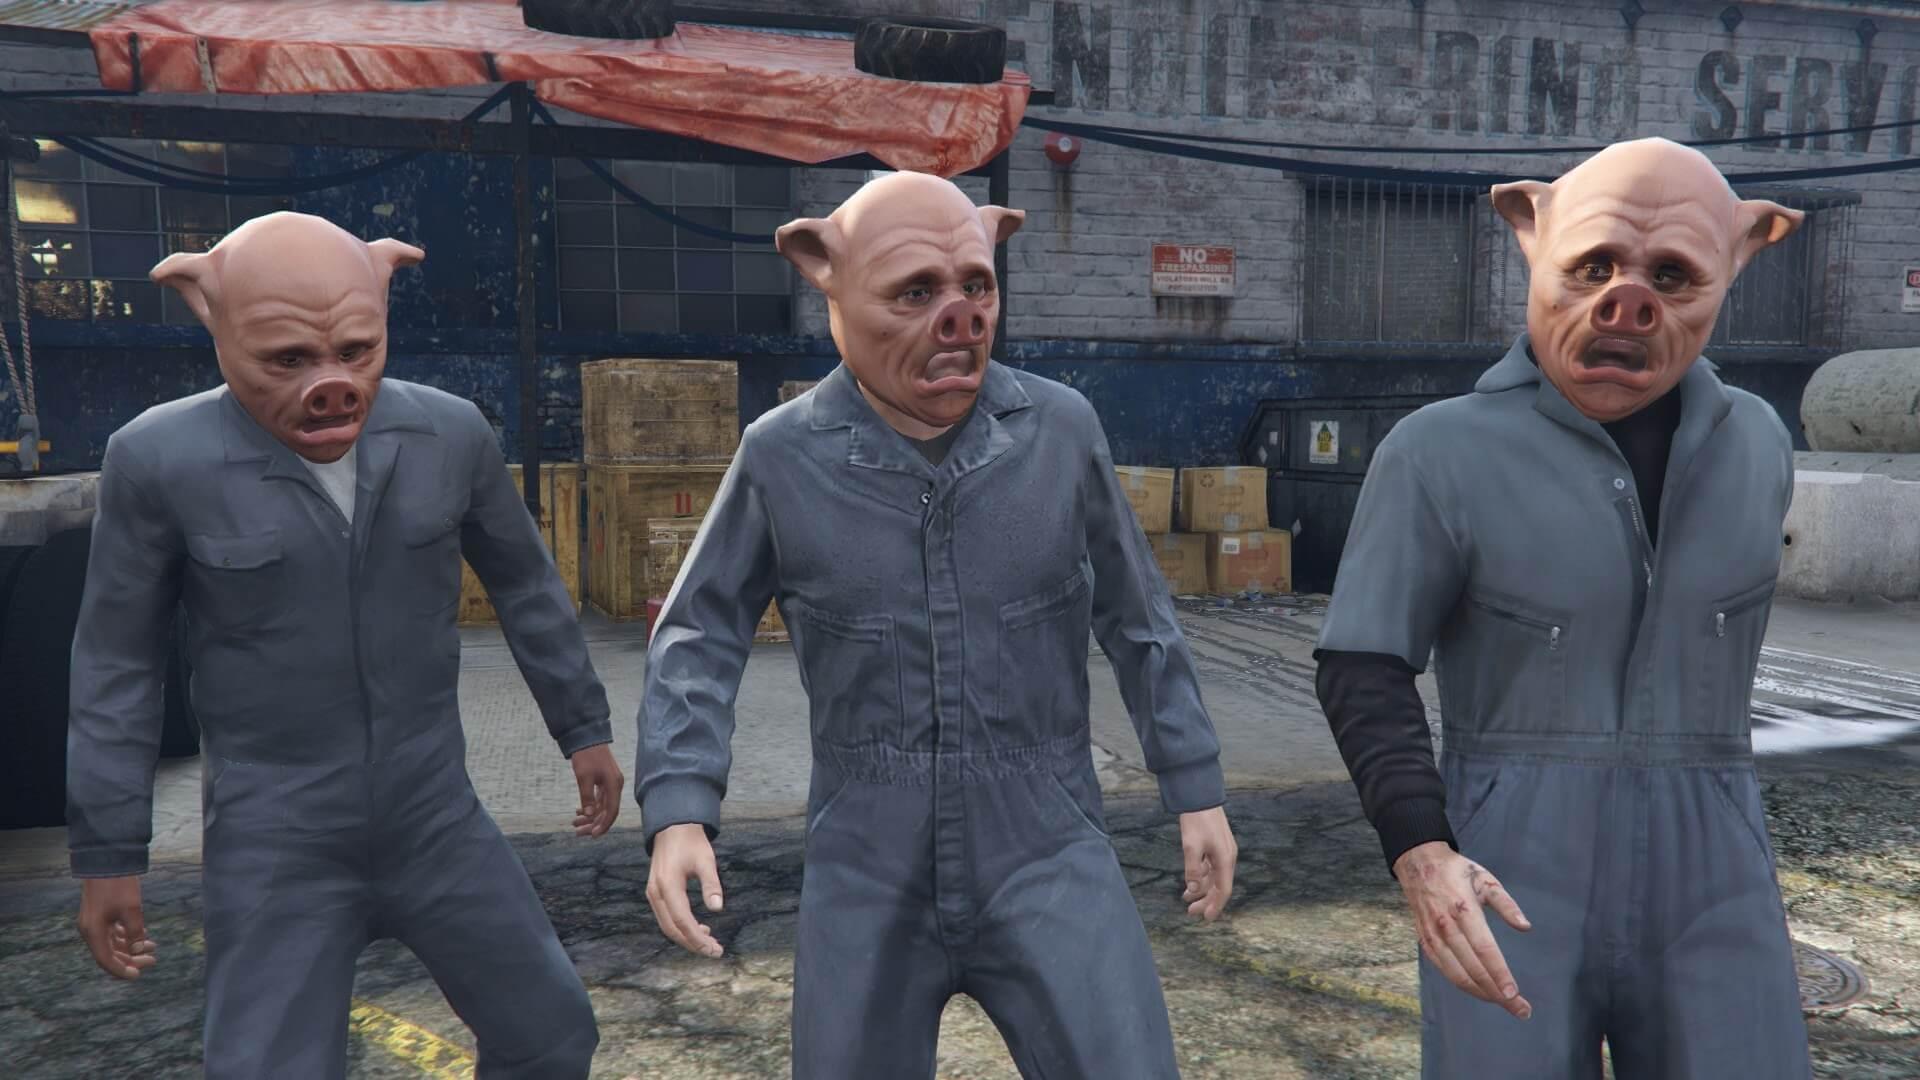 変装したマイケル、フランクリン、トレバー。一緒に強盗?